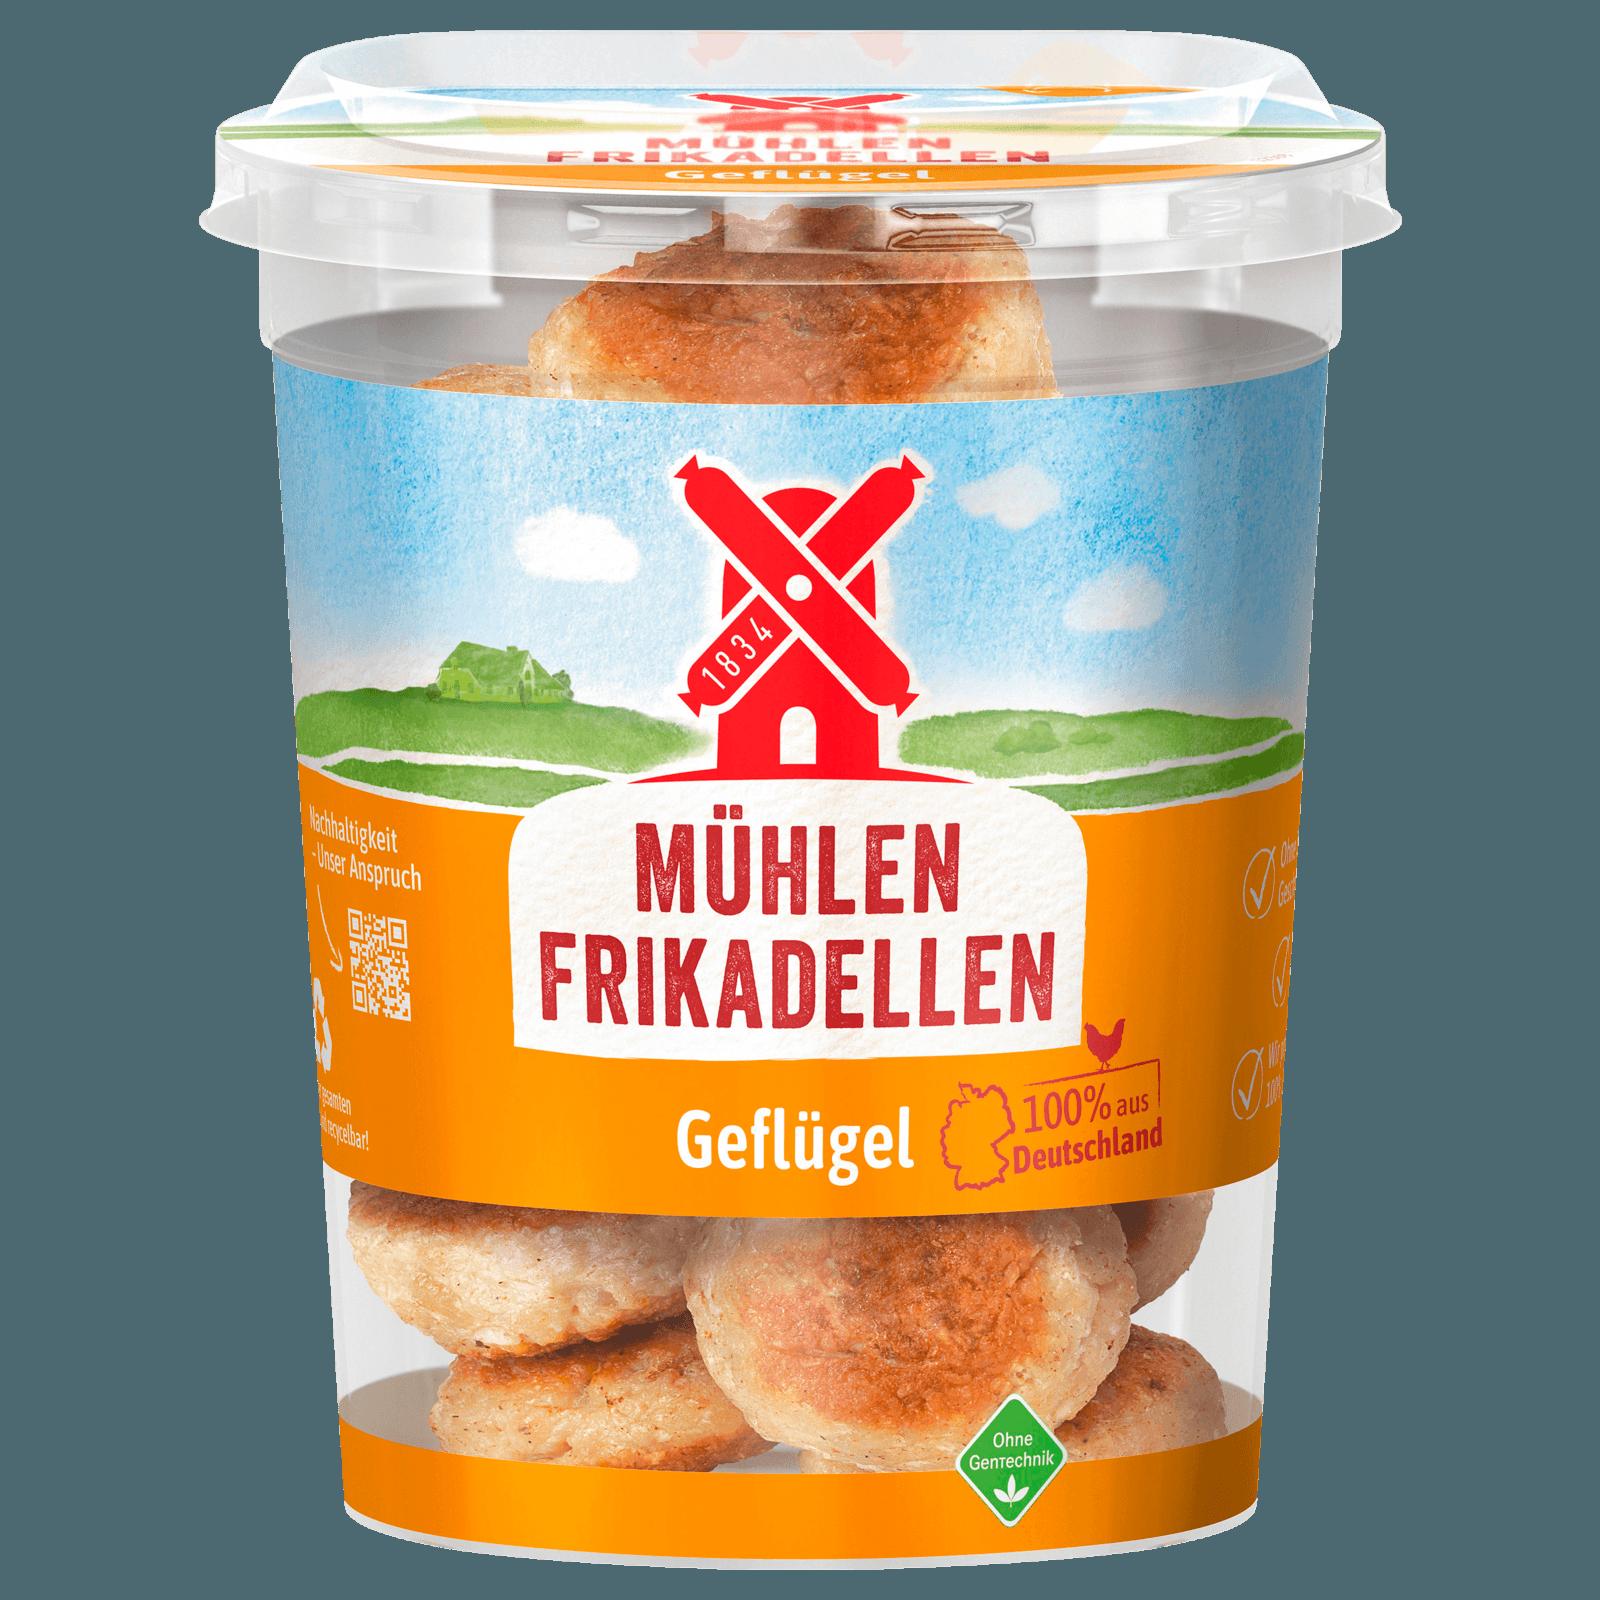 Rügenwalder Mühle Mühlen-Frikadellen Geflügel 165g